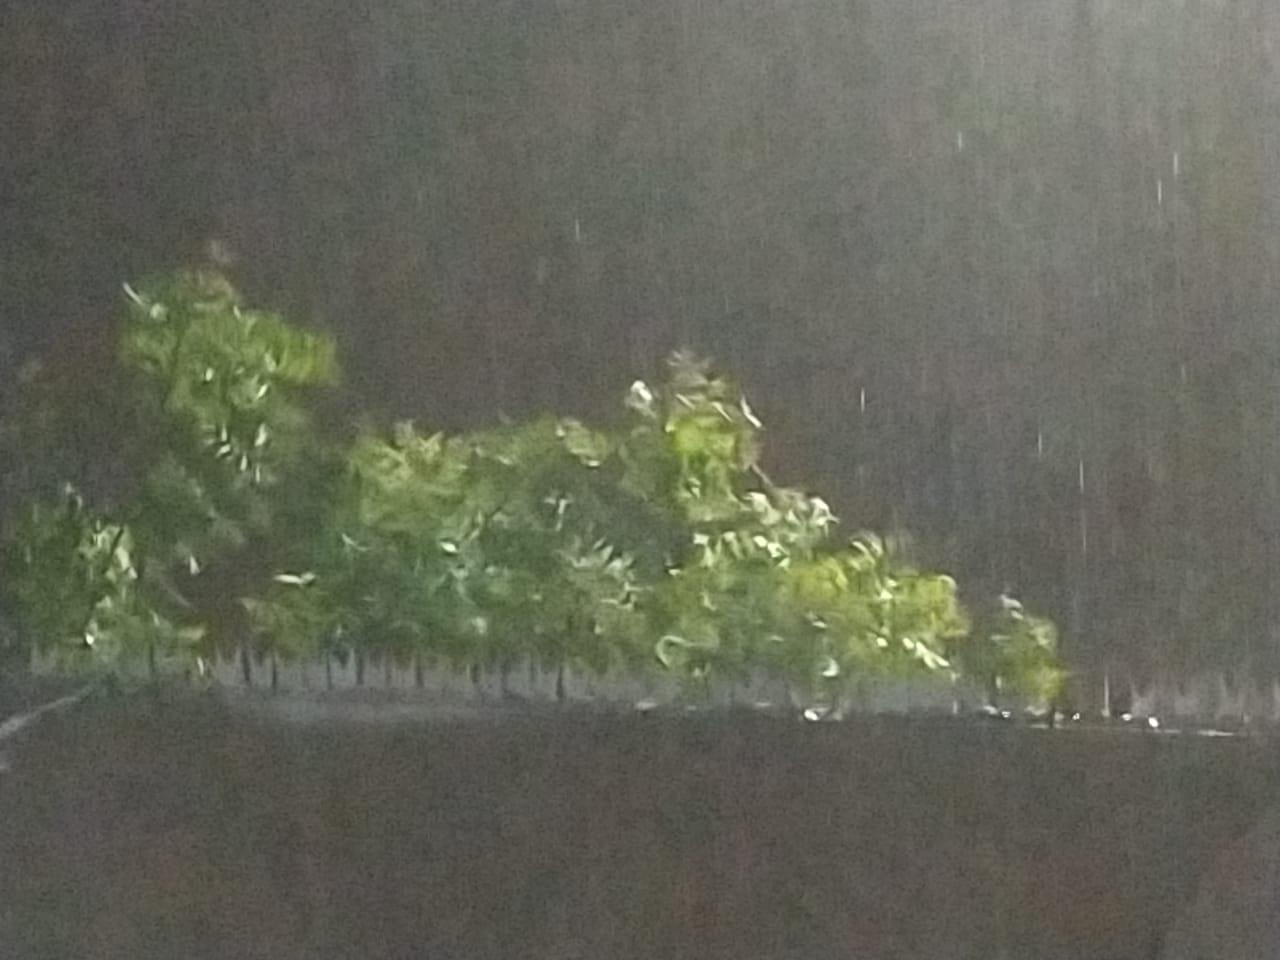 Fim de semana de chuva em pelo menos 8 municípios pajeuzeiros